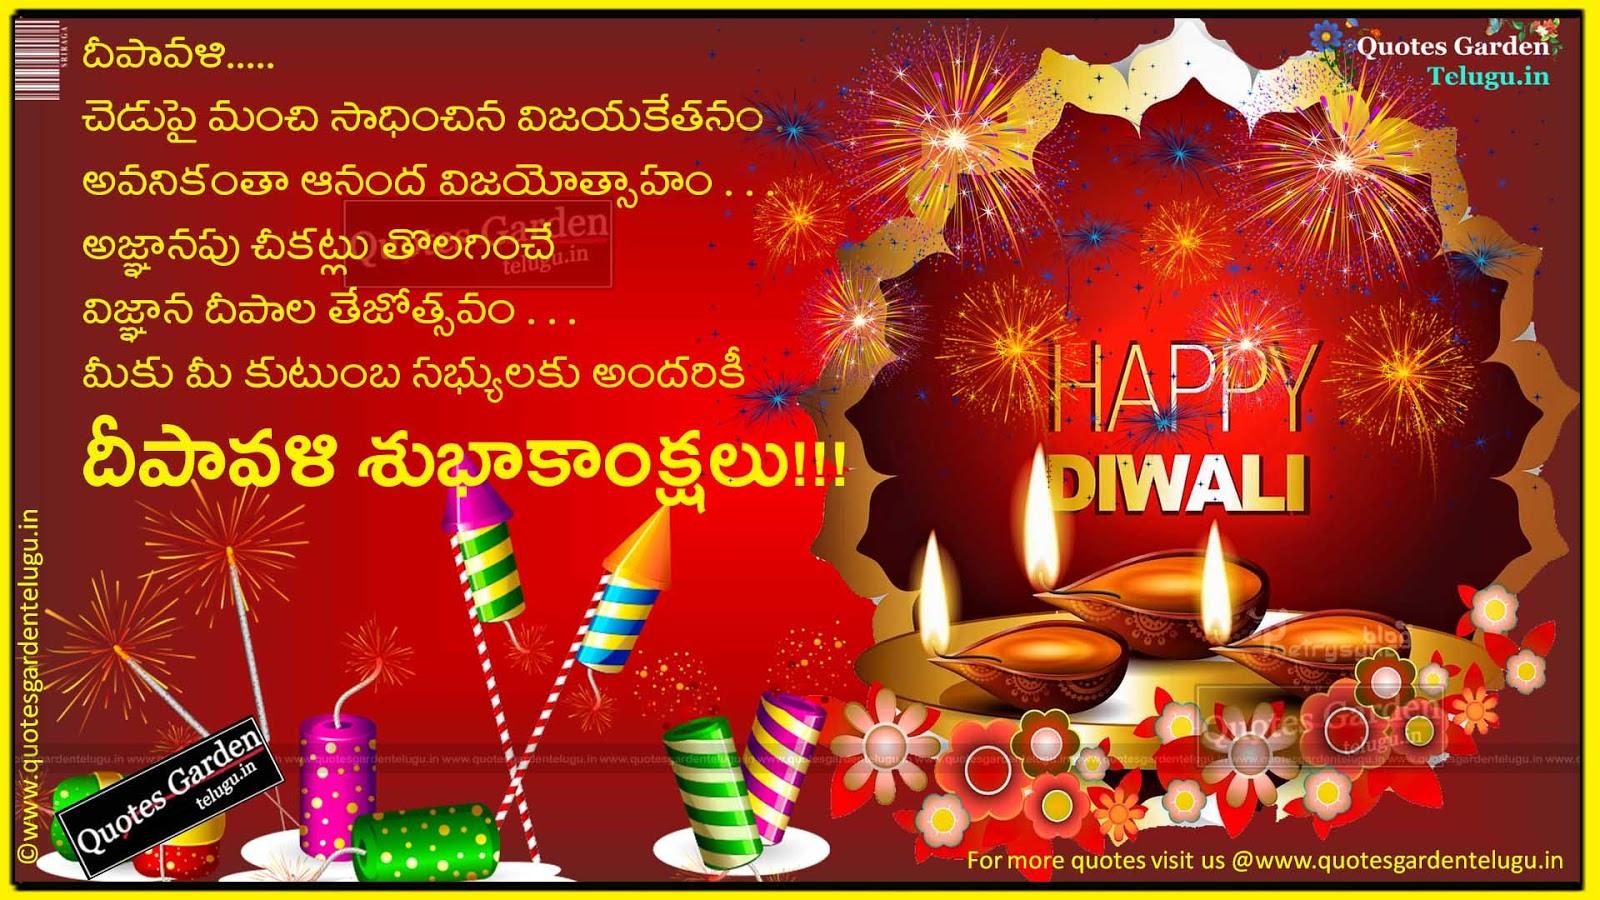 Telugu Diwali Kavithalu shubhakankshalu messages